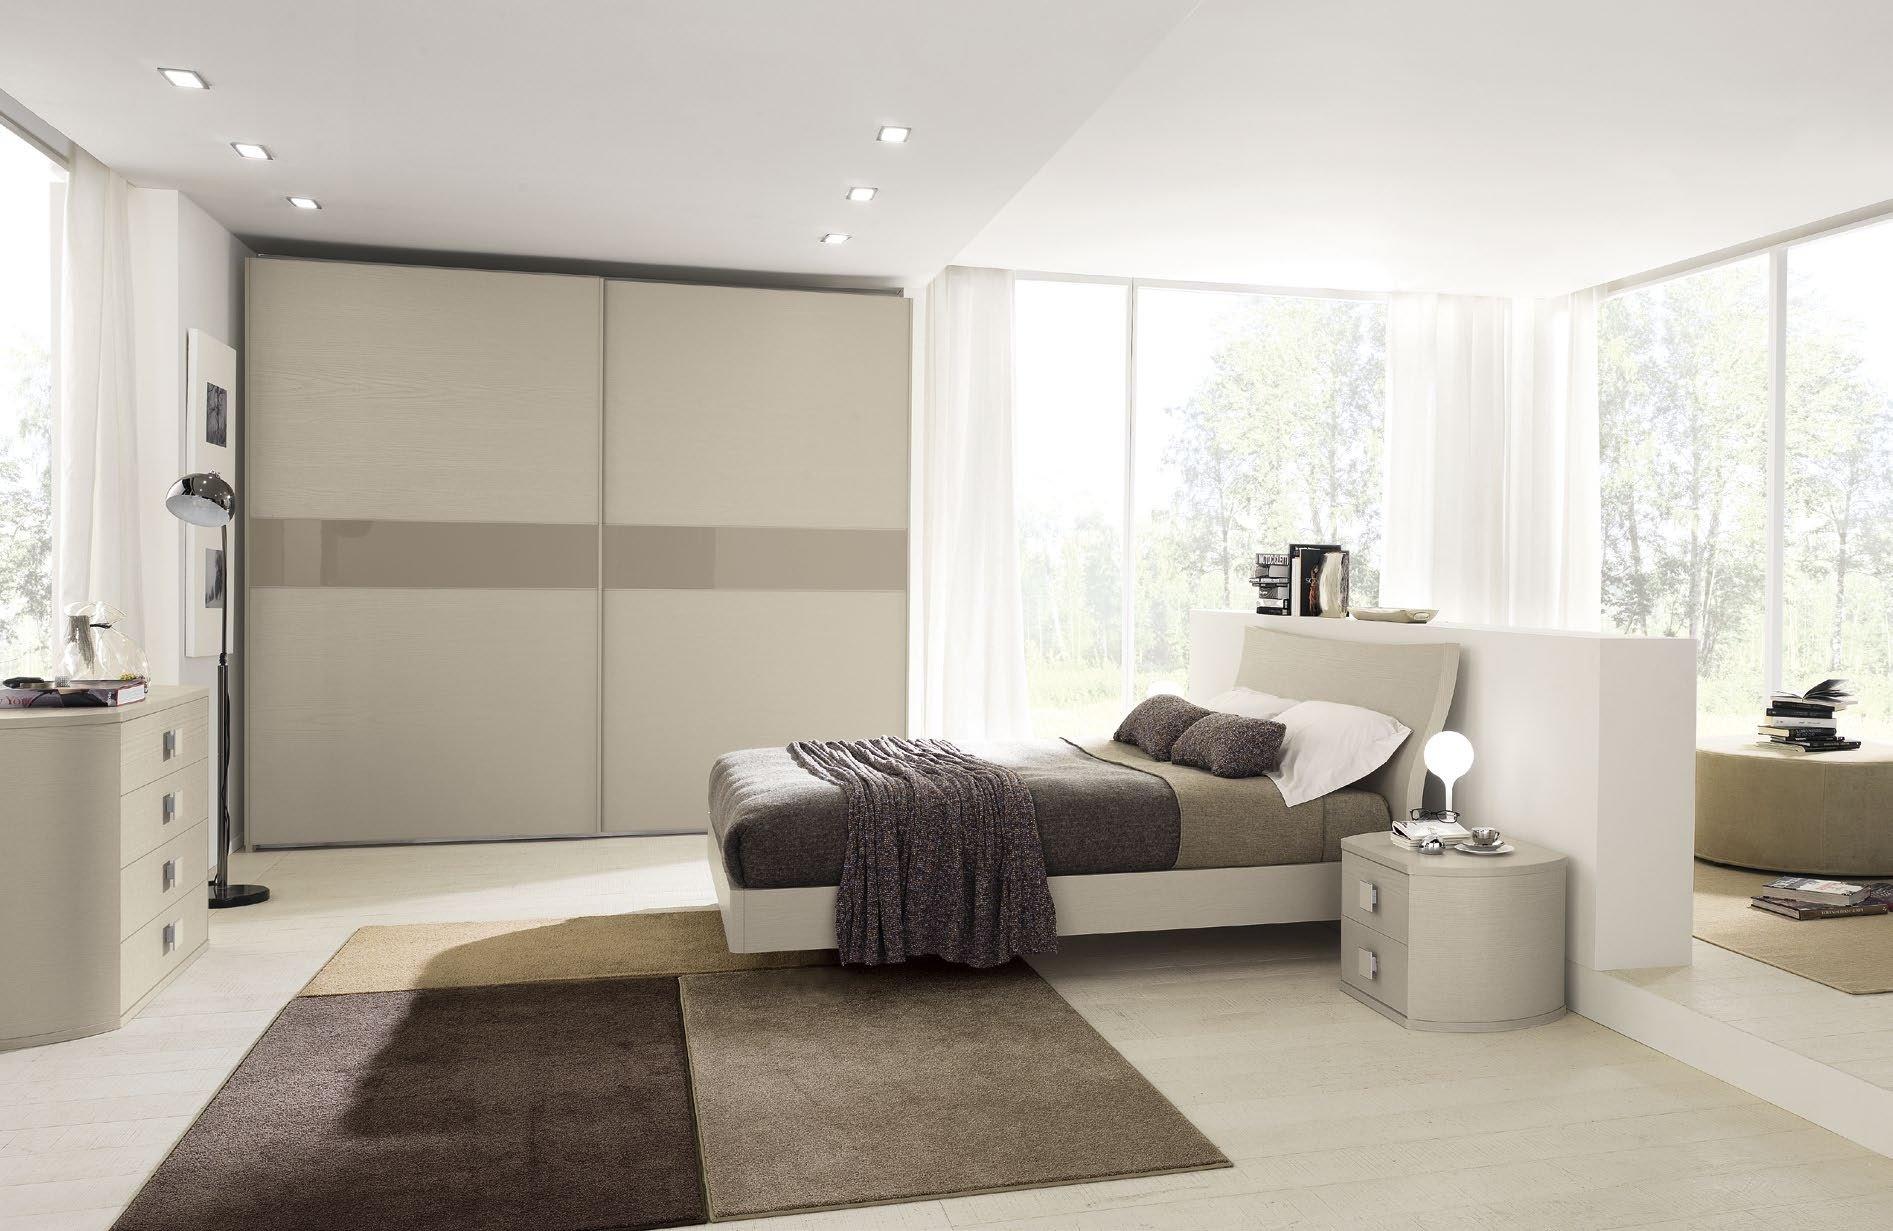 Camera da letto salerno montella prisma arredo - Camera da letto moderna contemporanea ...